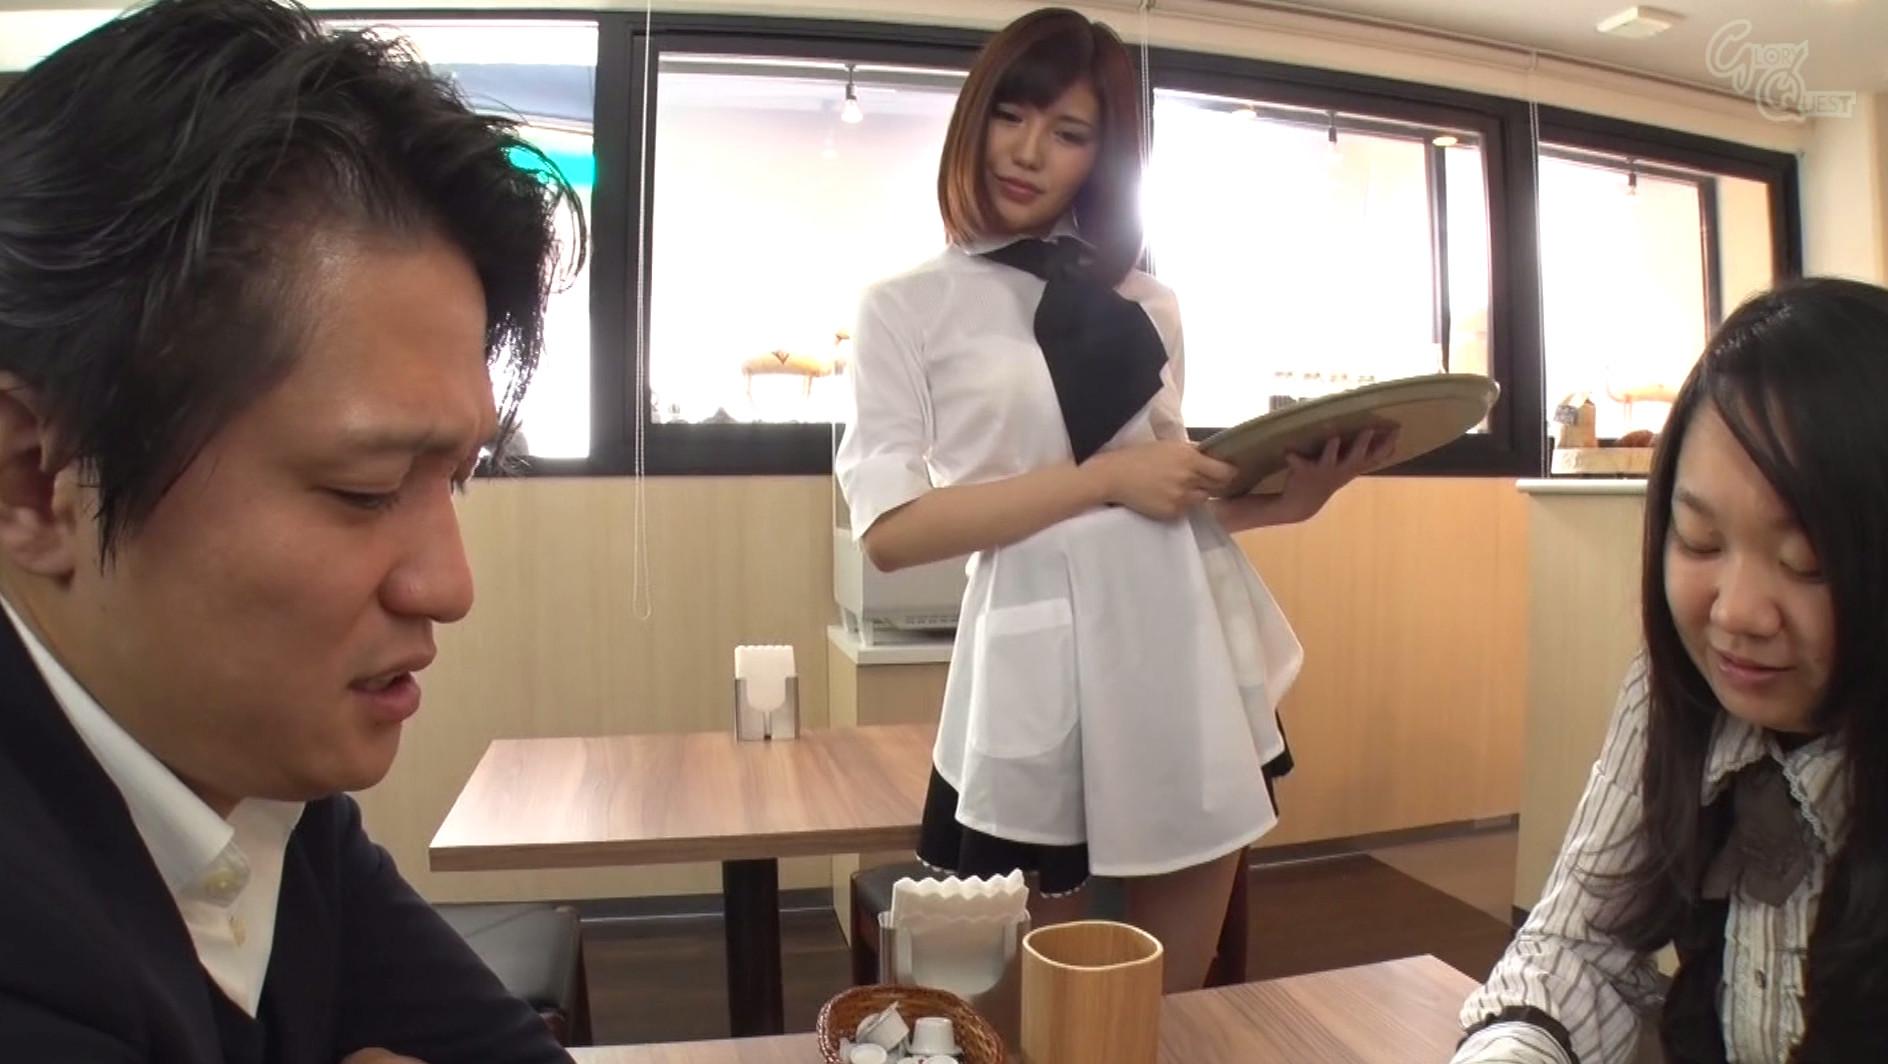 ザーメン大好きごっくん小悪魔が働くCafe 有賀ゆあ 画像2